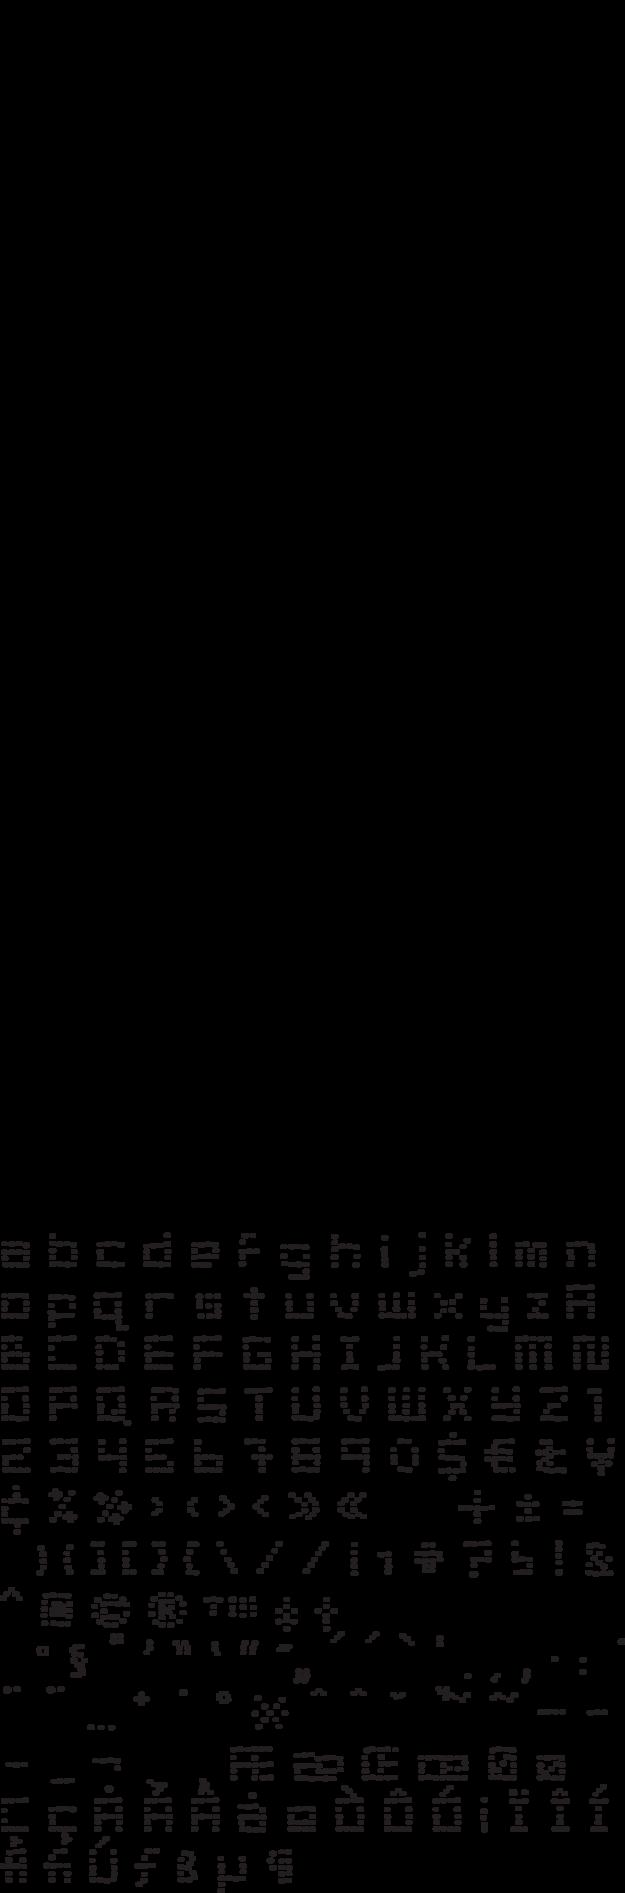 Dinkydot_12-billboard_billboard